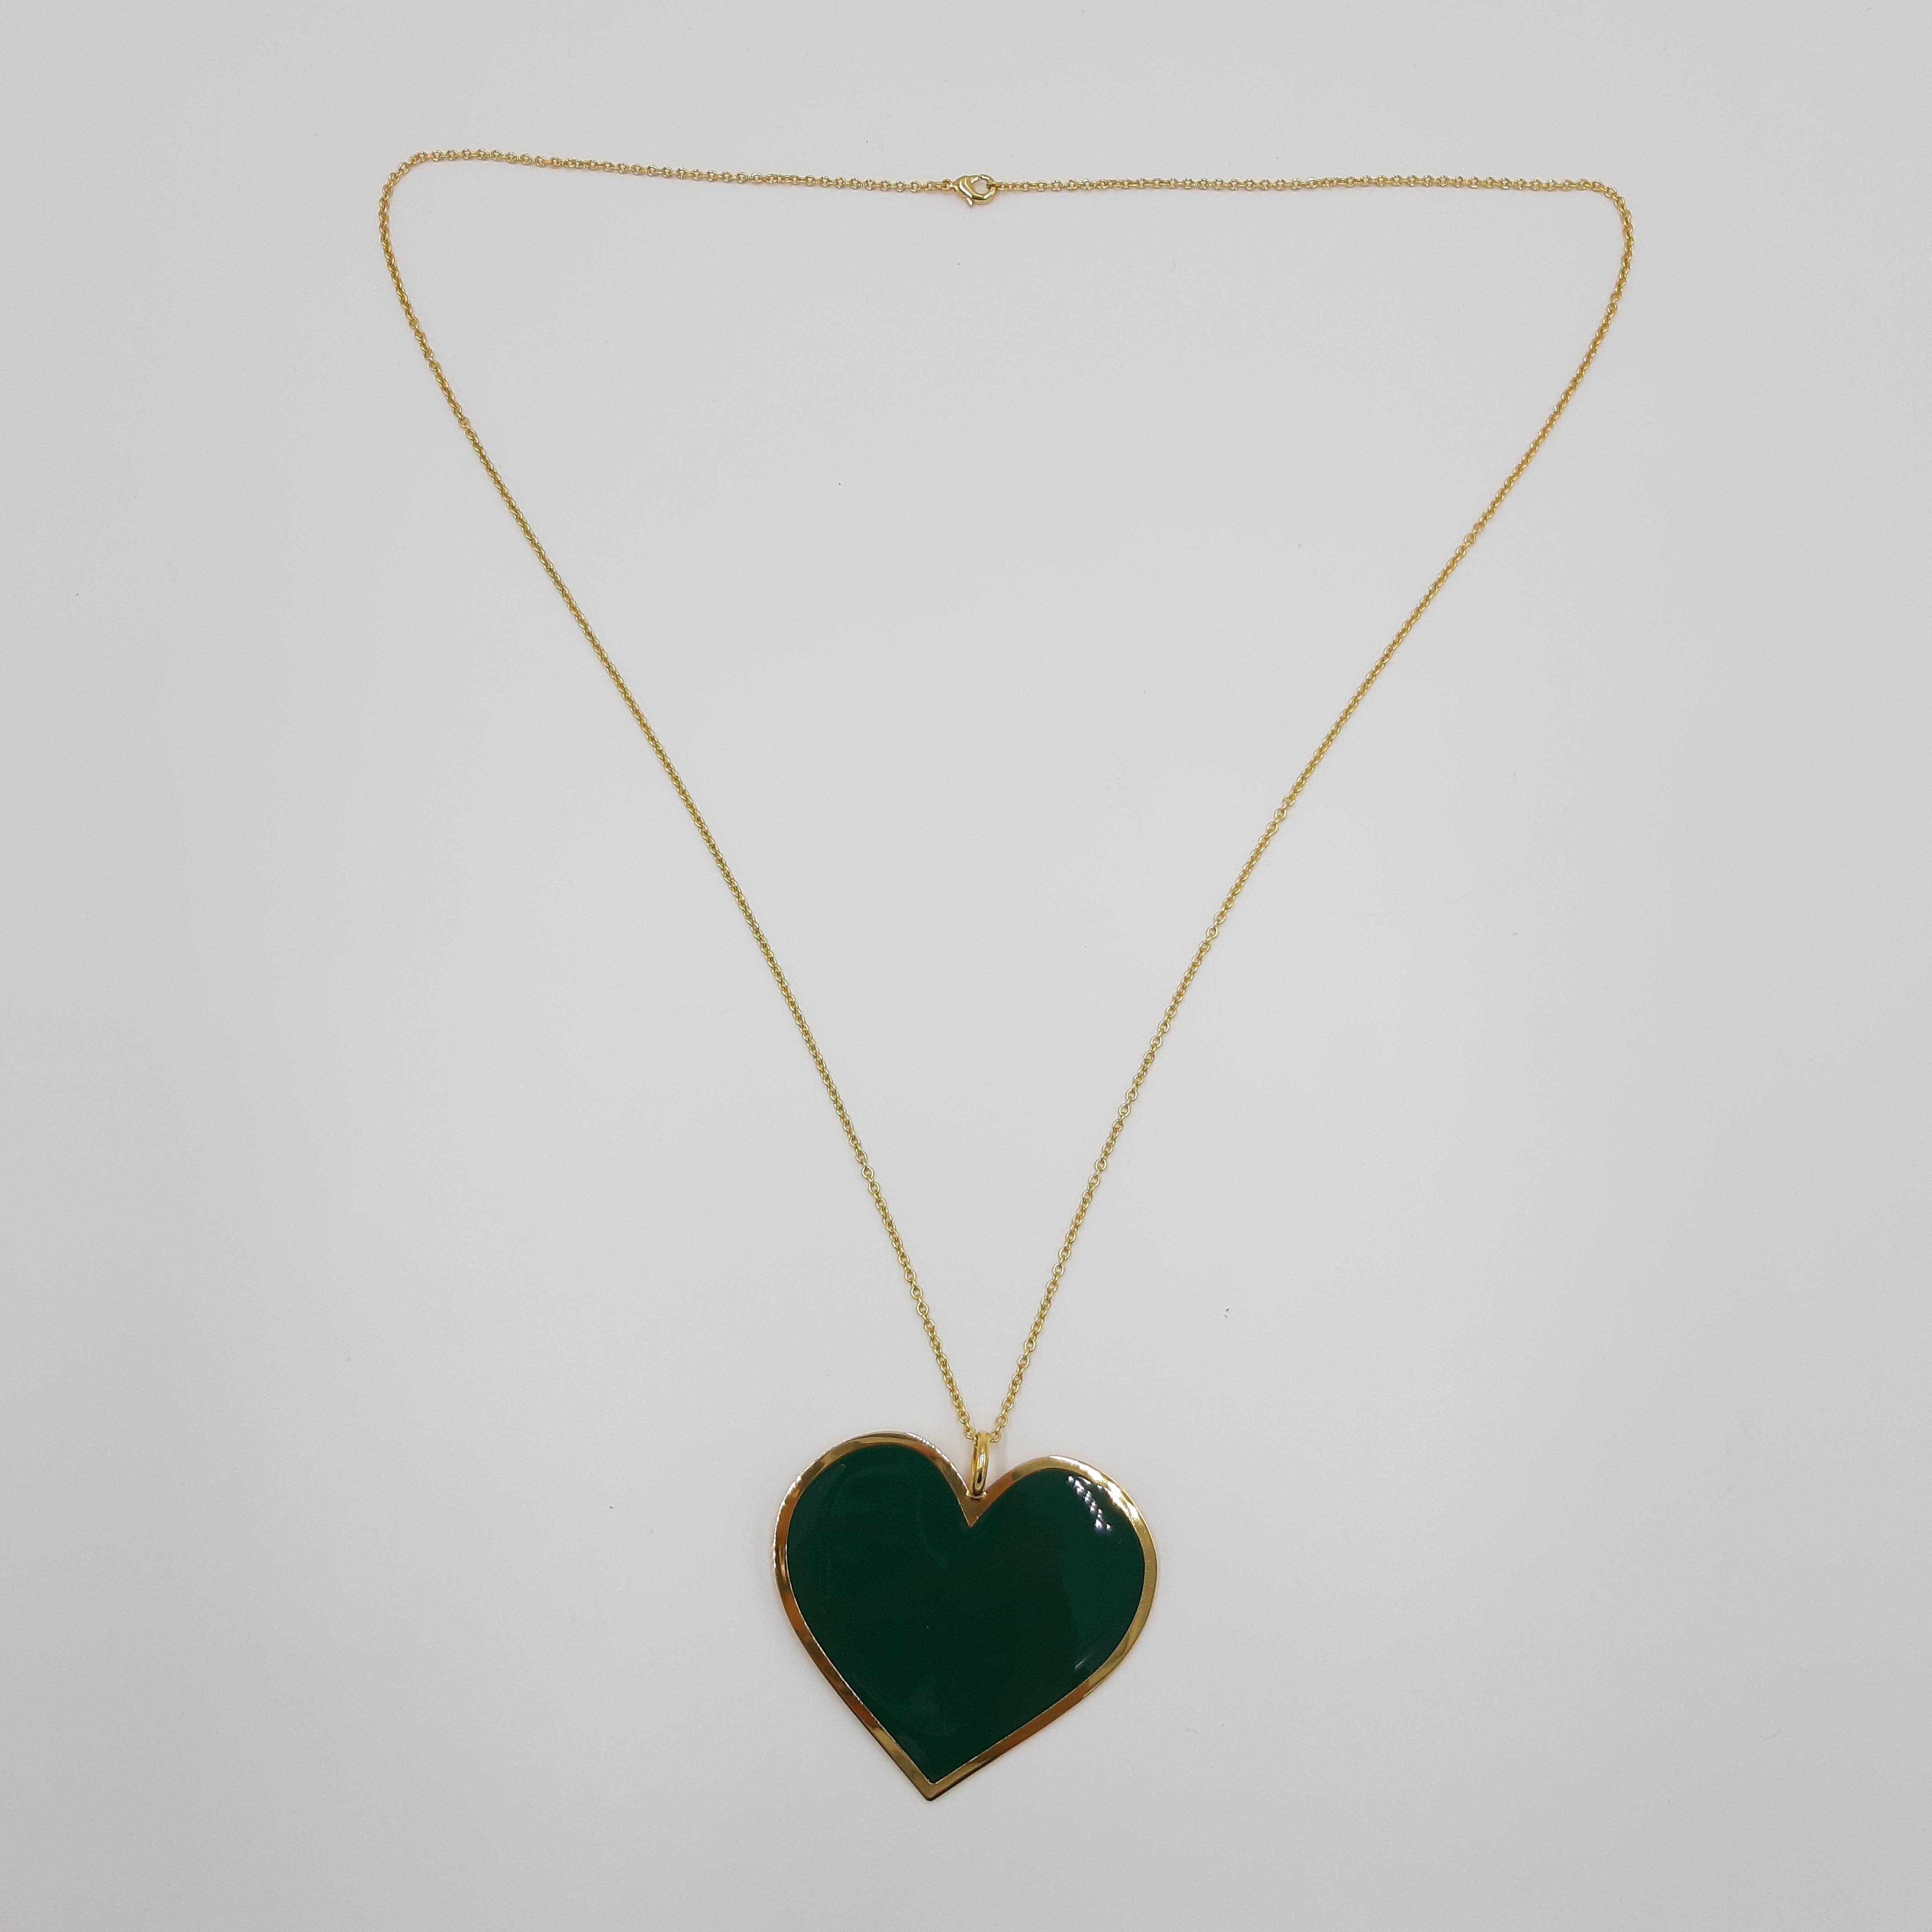 Collana lunga con cuore verde Francesca Bianchi Design